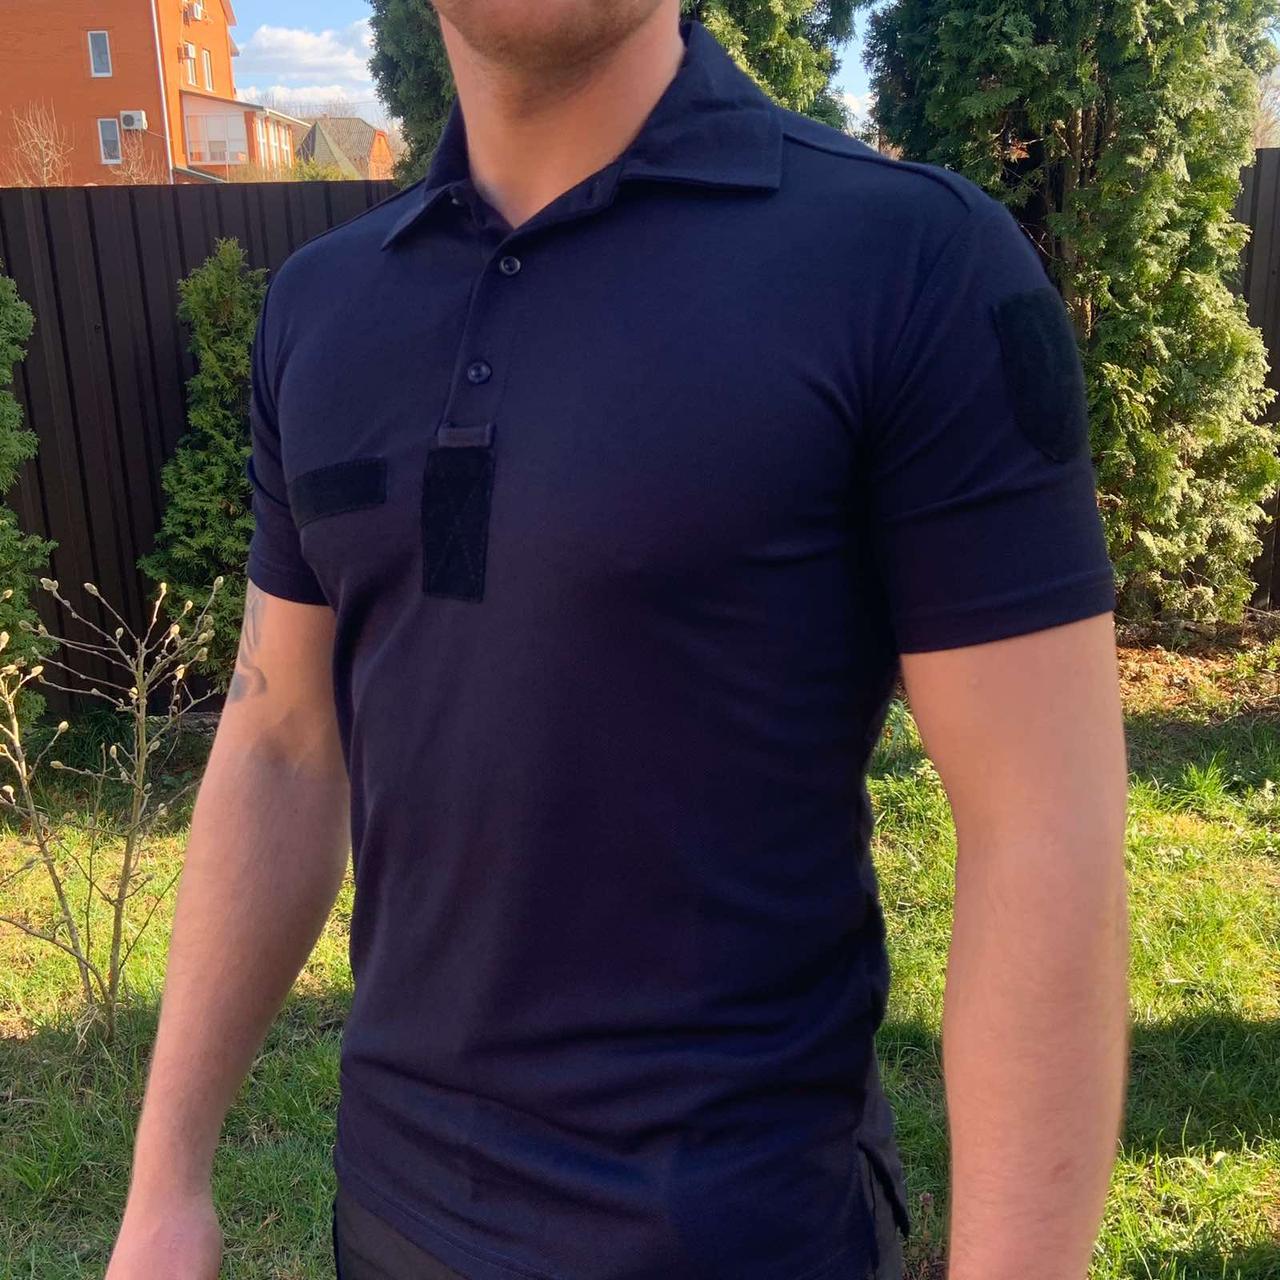 ФУТБОЛКА ПОЛО COOLPASS ТЕМНО-СИНЯ